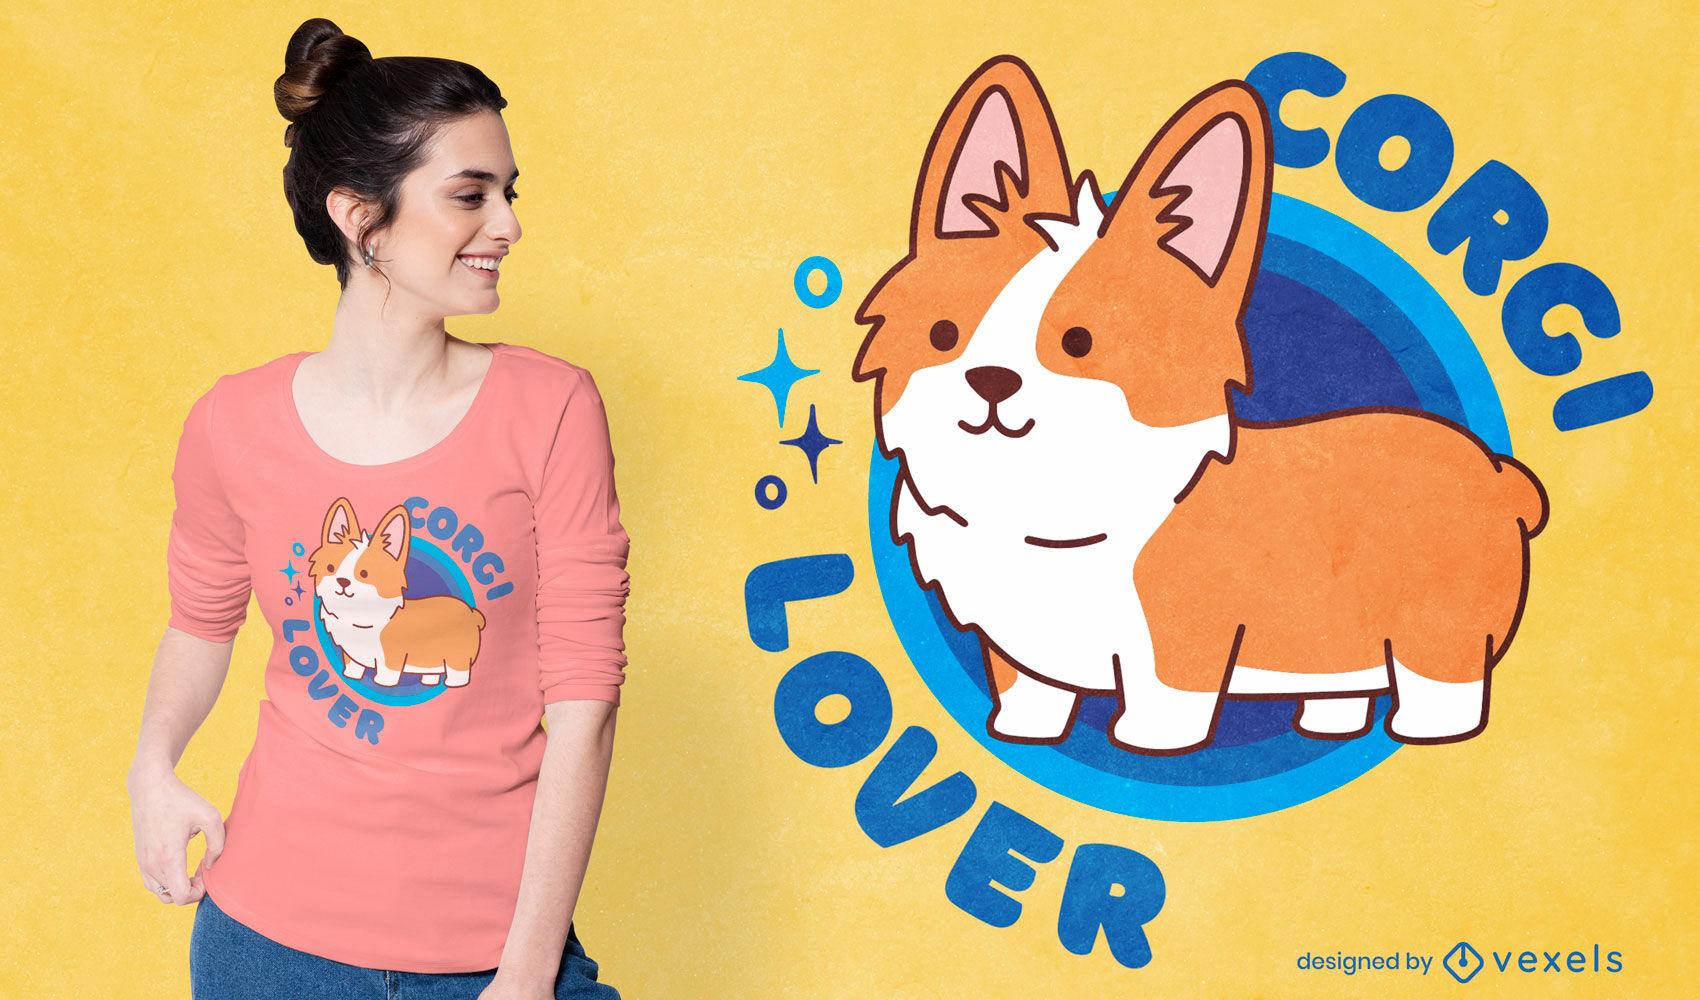 Diseño lindo de la camiseta del amante del corgi